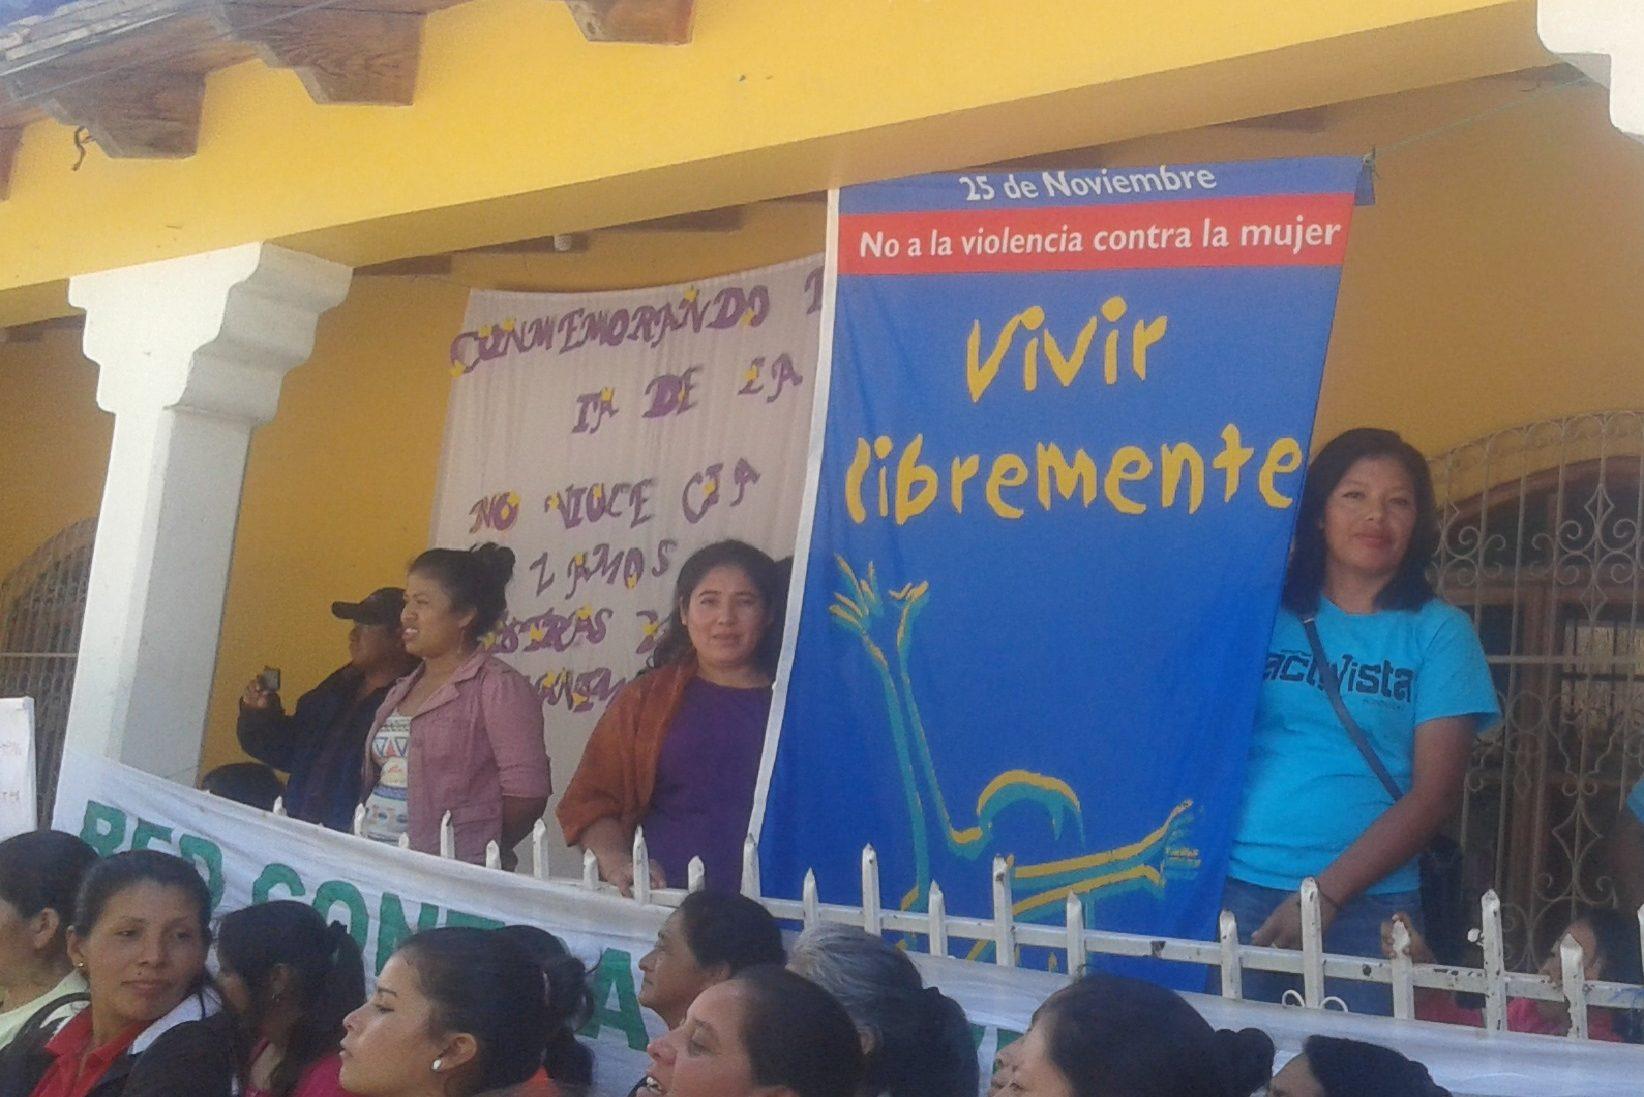 """Frauen von APROLMA zeigen am Internationalen Tag """"Nein zu Gewalt gegen Frauen"""" eine Flagge mit der Forderung: """"Vivir libremente"""""""